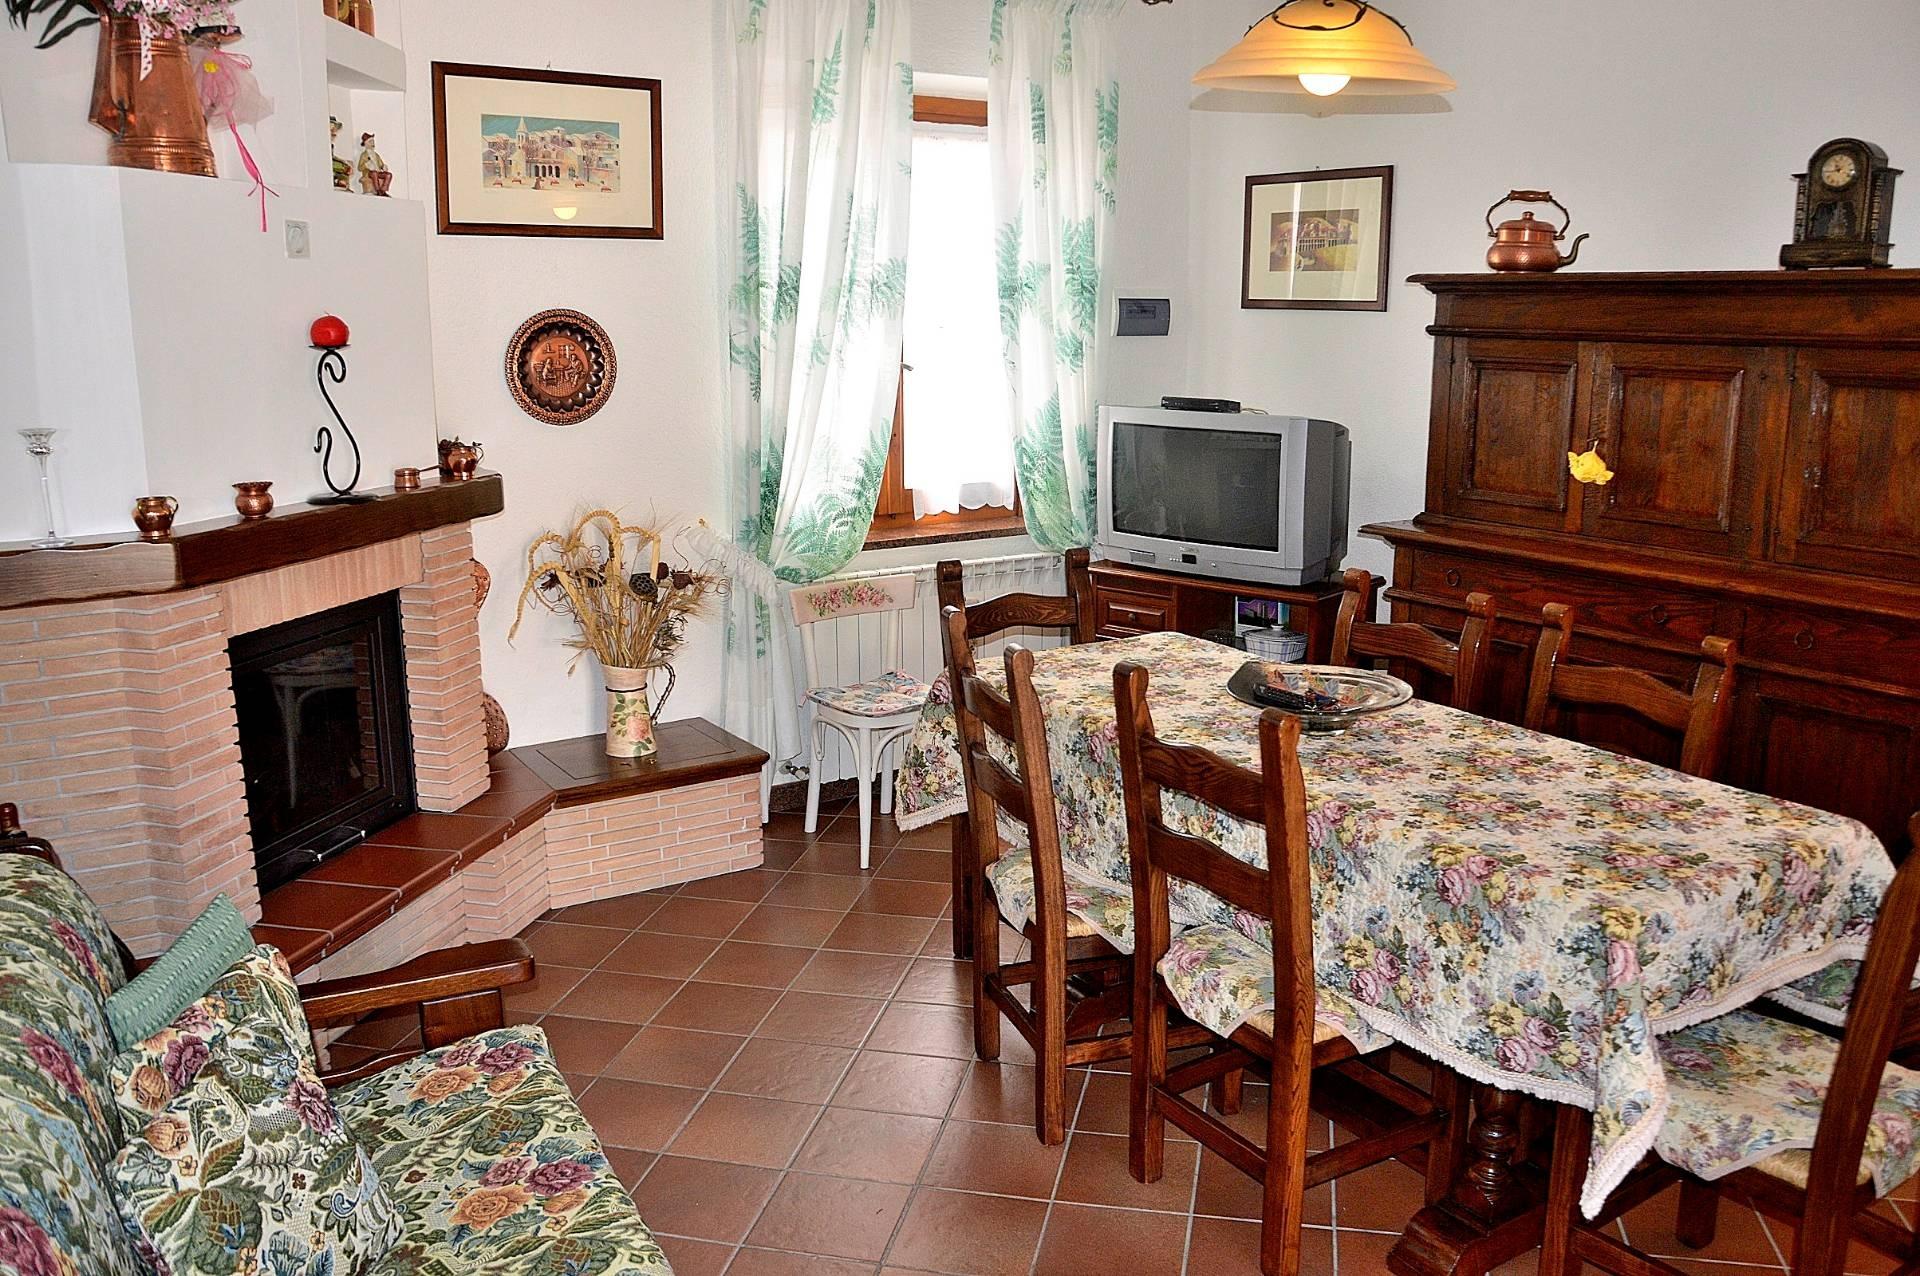 Appartamento in vendita a Sellano, 3 locali, zona Località: Villamagina, prezzo € 53.000 | CambioCasa.it